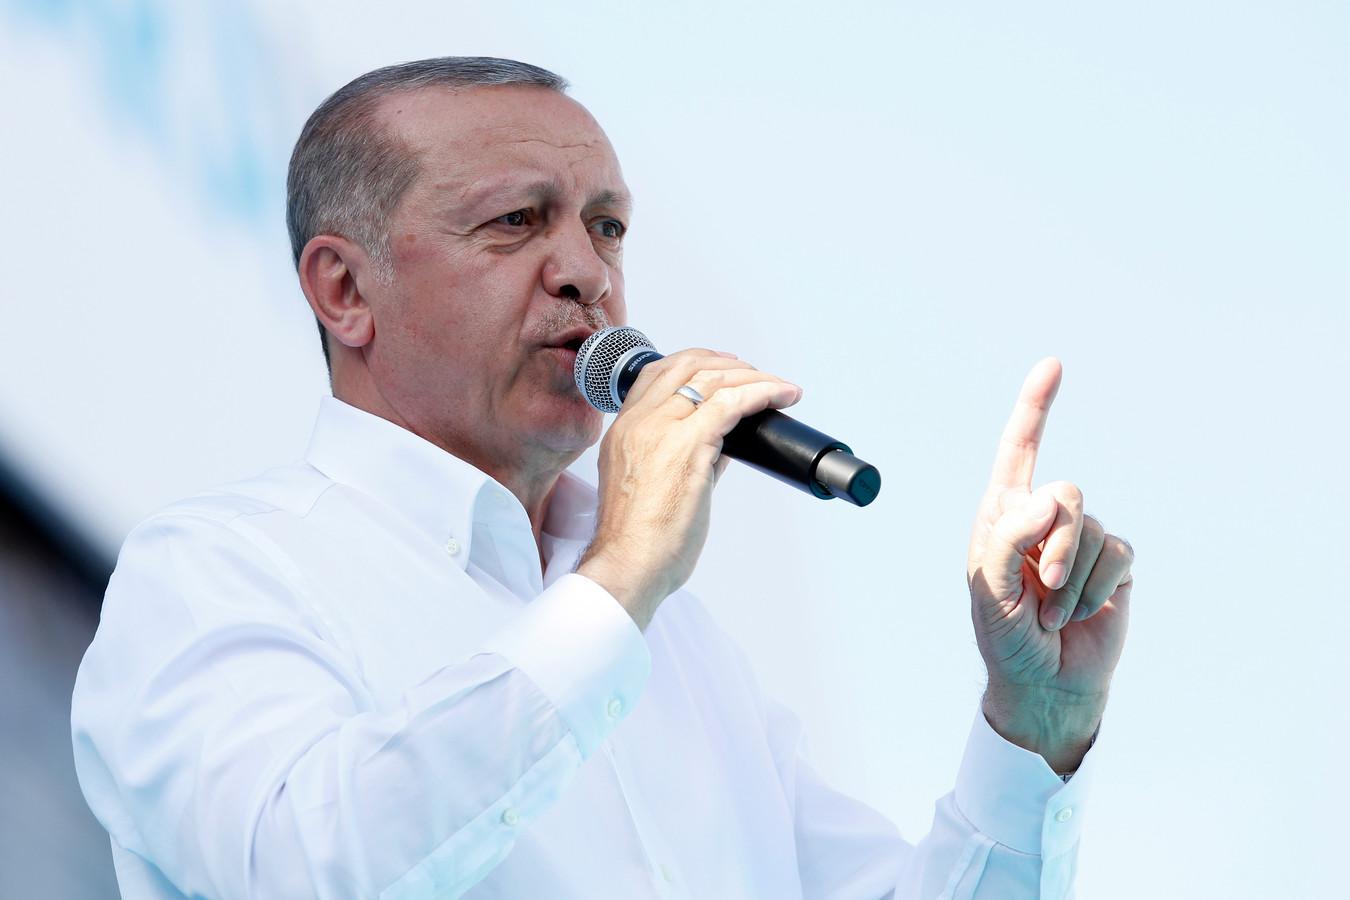 De Turkse president Recep Tayyip Erdogan zaterdag op een verkiezingsbijeenkomst. Op 24 juni gaan de Turken naar de stembus om zowel de president als het parlement te kiezen.